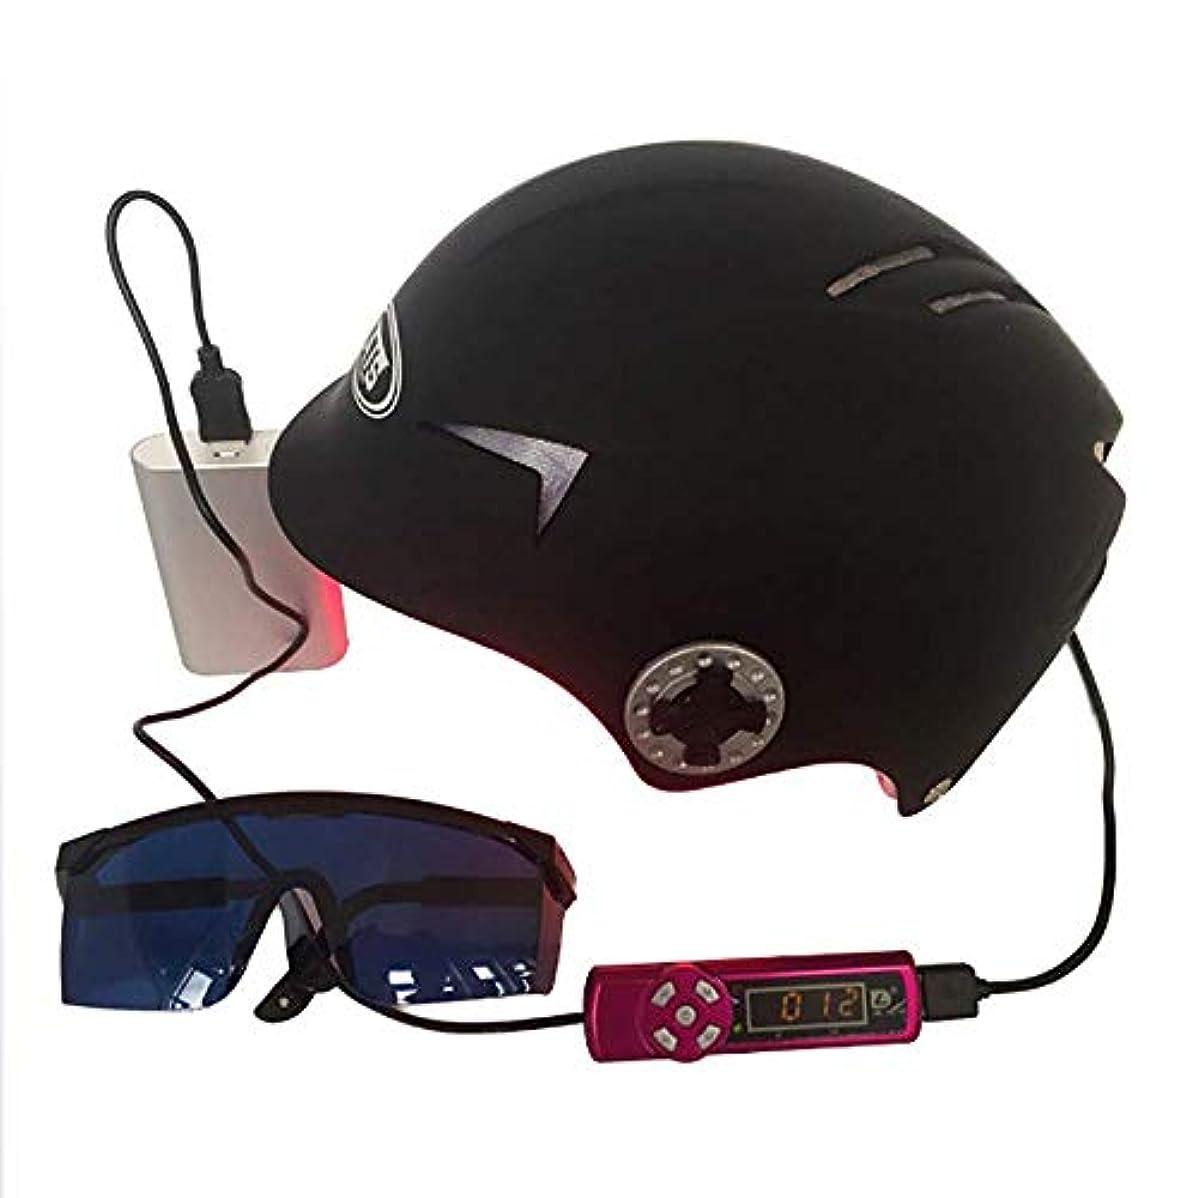 基準解釈するリード育毛ヘルメット急成長脱毛ソリューション男性と女性のダイオード治療ヘア帽子